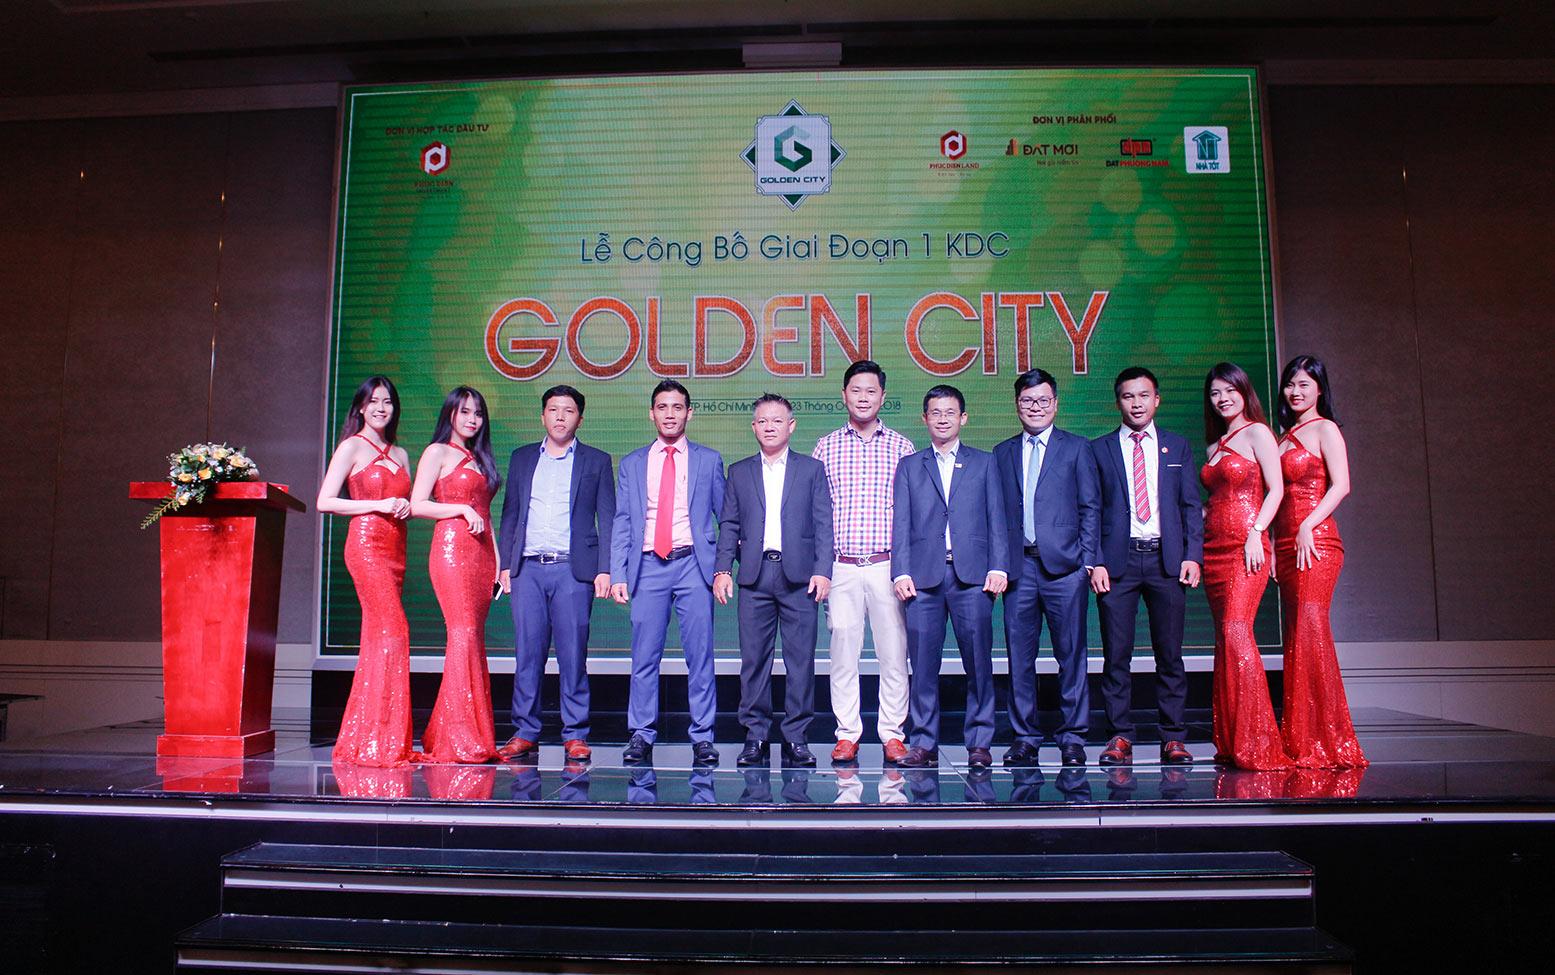 Hơn 90% giao dịch thành công tại buổi lễ công bố giai đoạn 1 KDC Golden City 5